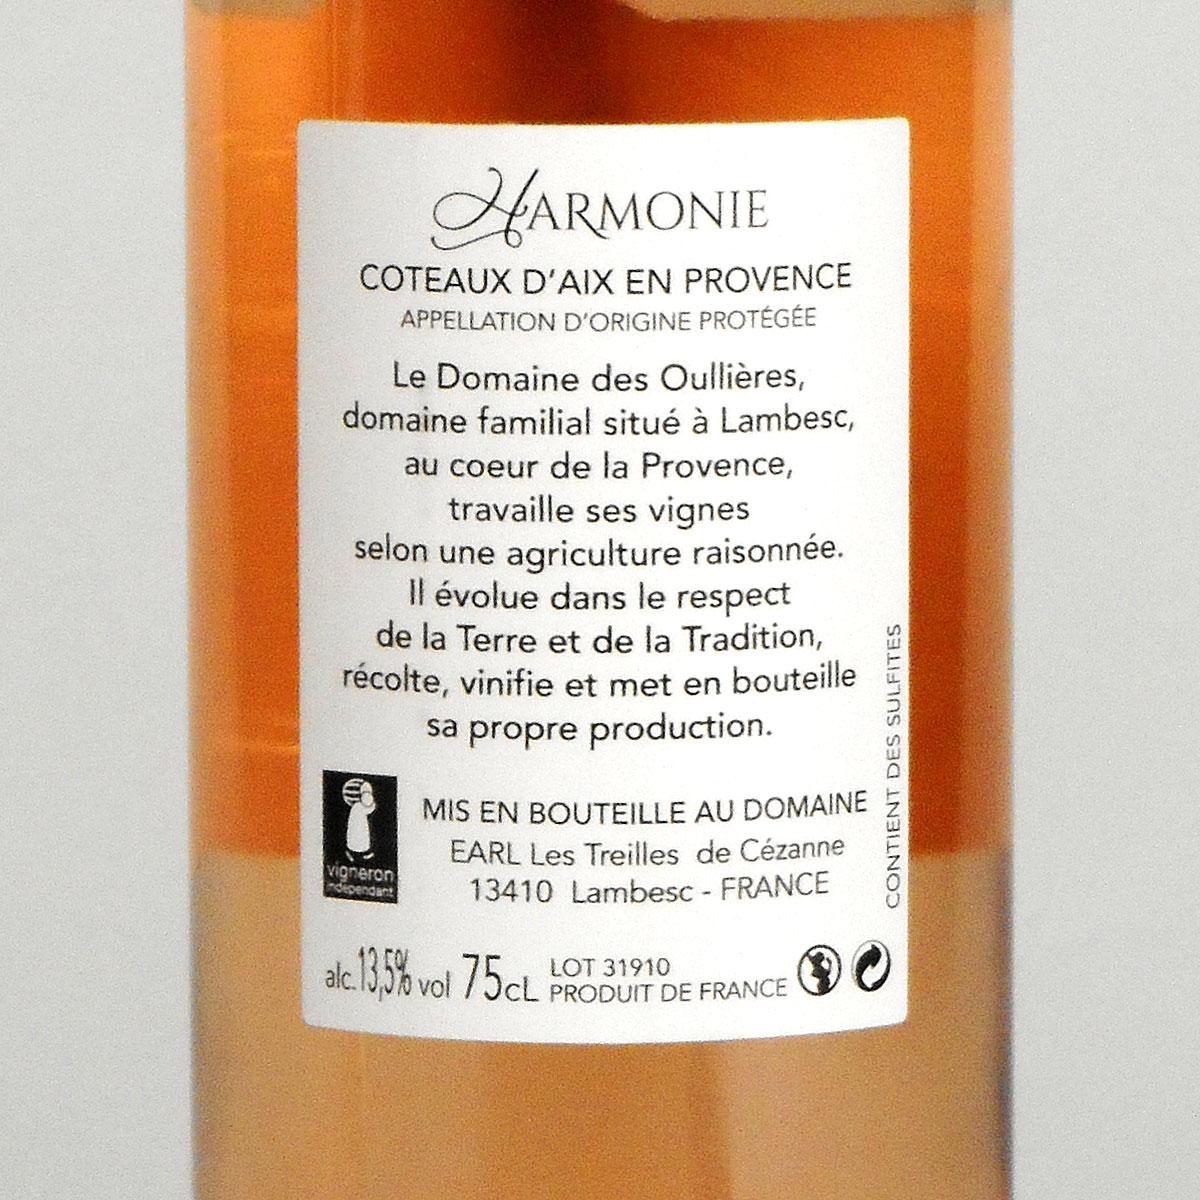 Coteaux d'Aix-en-Provence: Domaine des Oullières Rosé 2018 - Bottle Rear Label